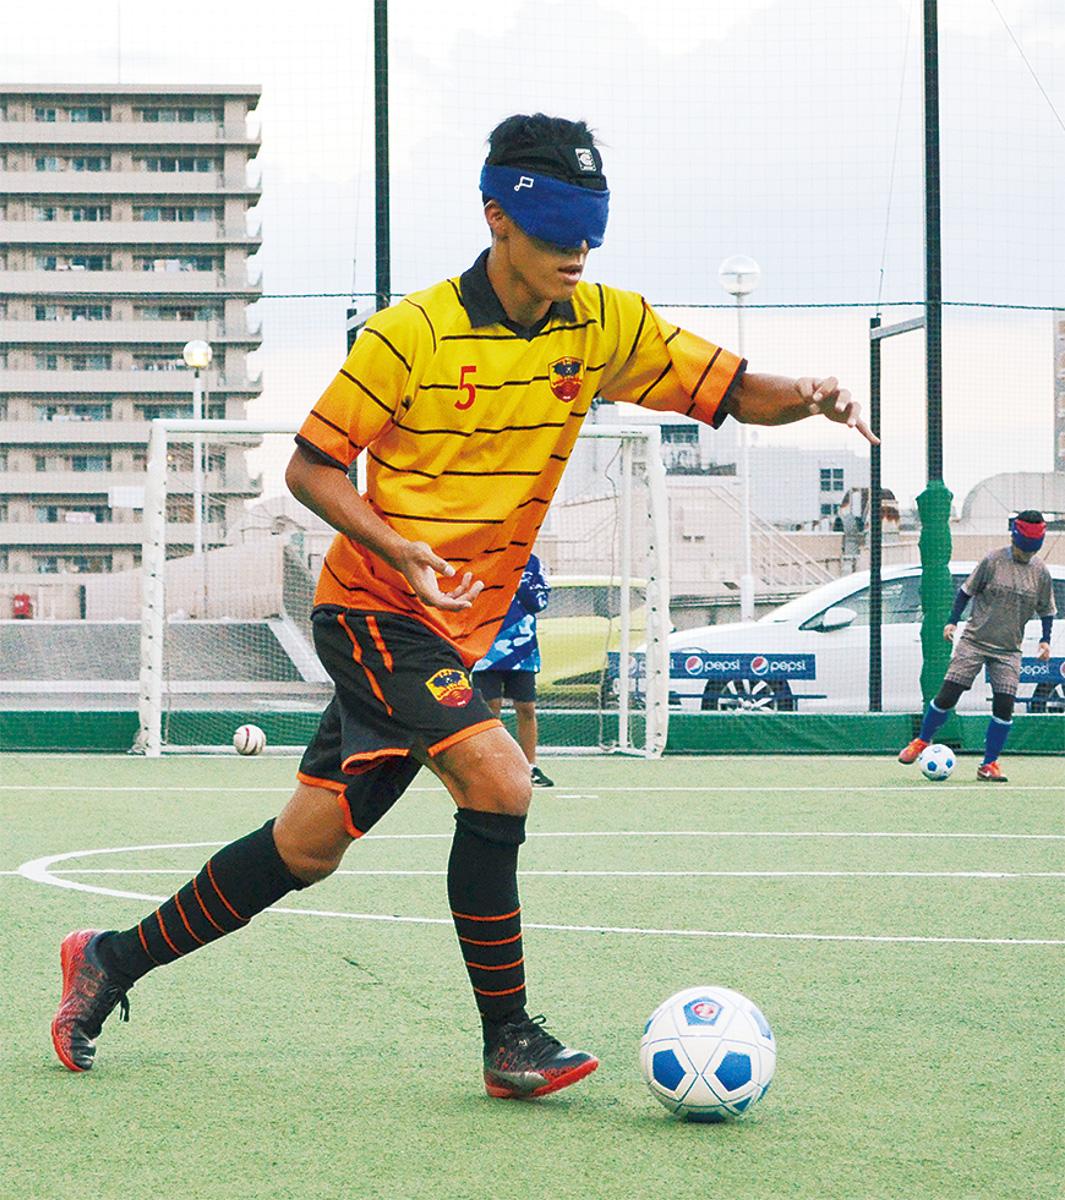 ブラインドサッカーに魅せられて【2】